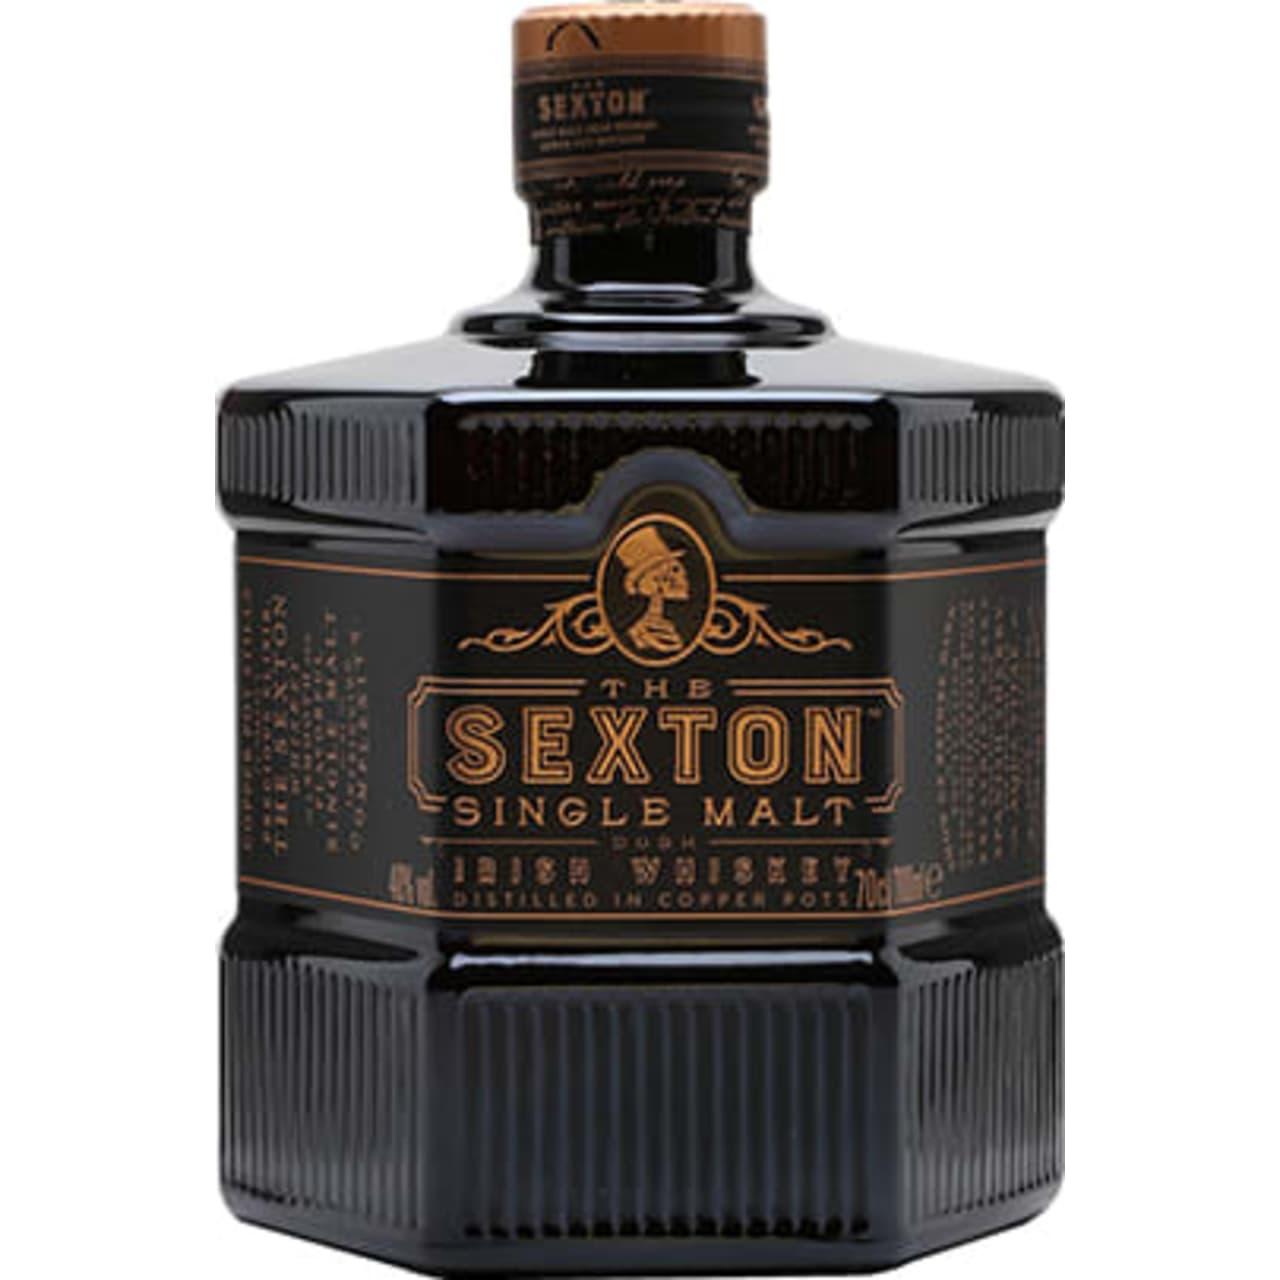 Product Image - The Sexton Single Malt Irish Whiskey